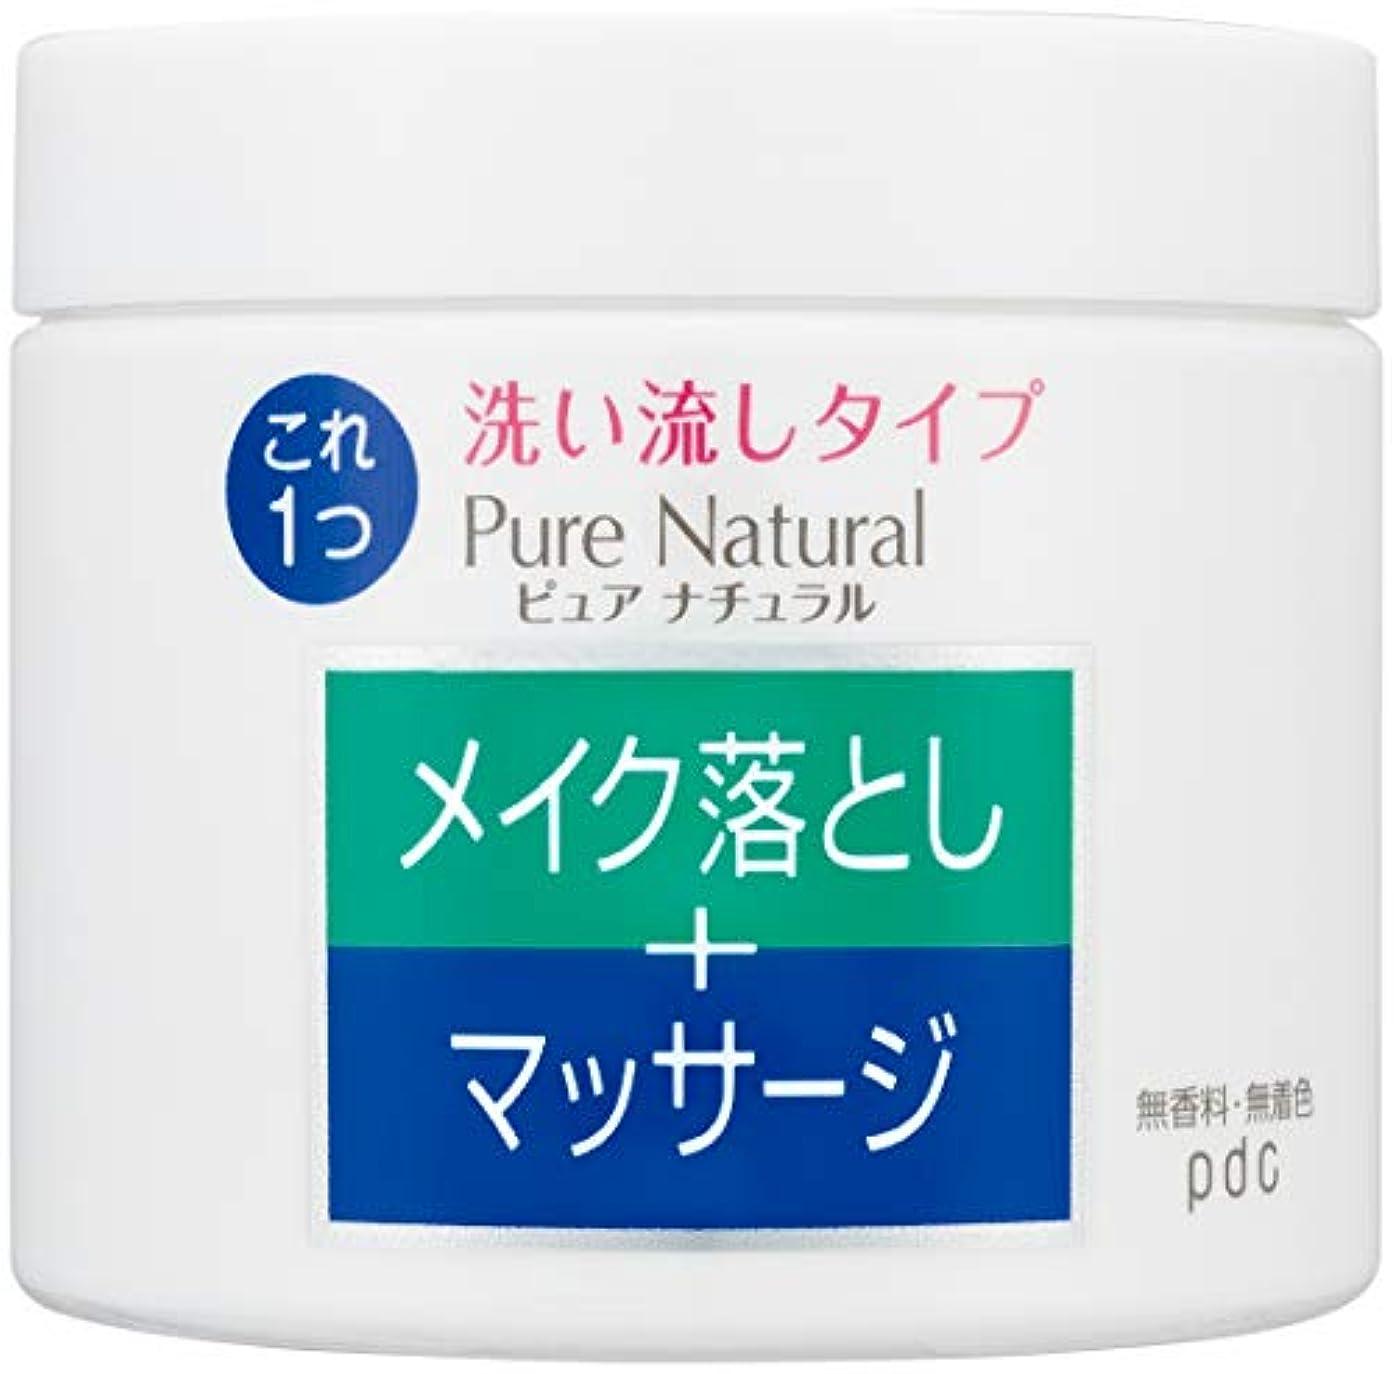 バンガロー風邪をひく香りPure NATURAL(ピュアナチュラル) マッサージクレンジング 170g